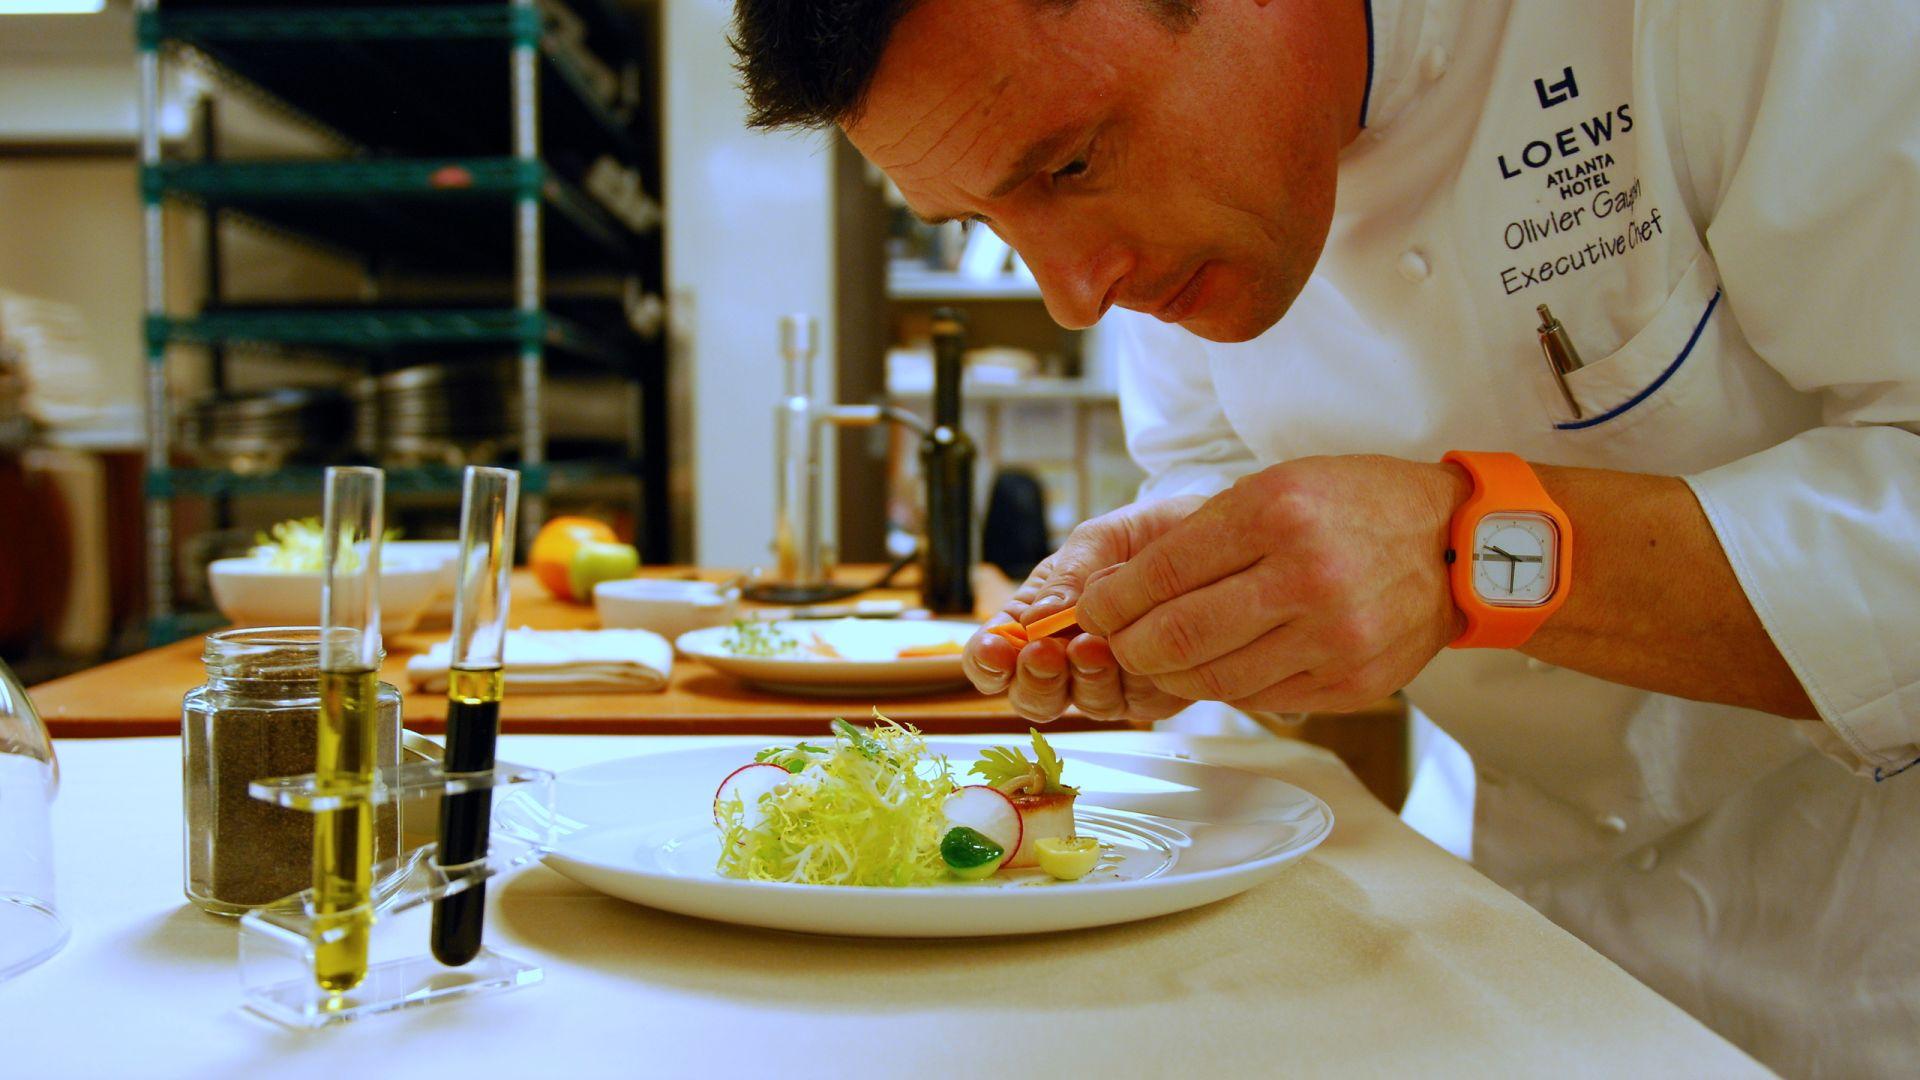 El chef Olivier Gaupin en Saltwood | Loews Atlanta Hotel